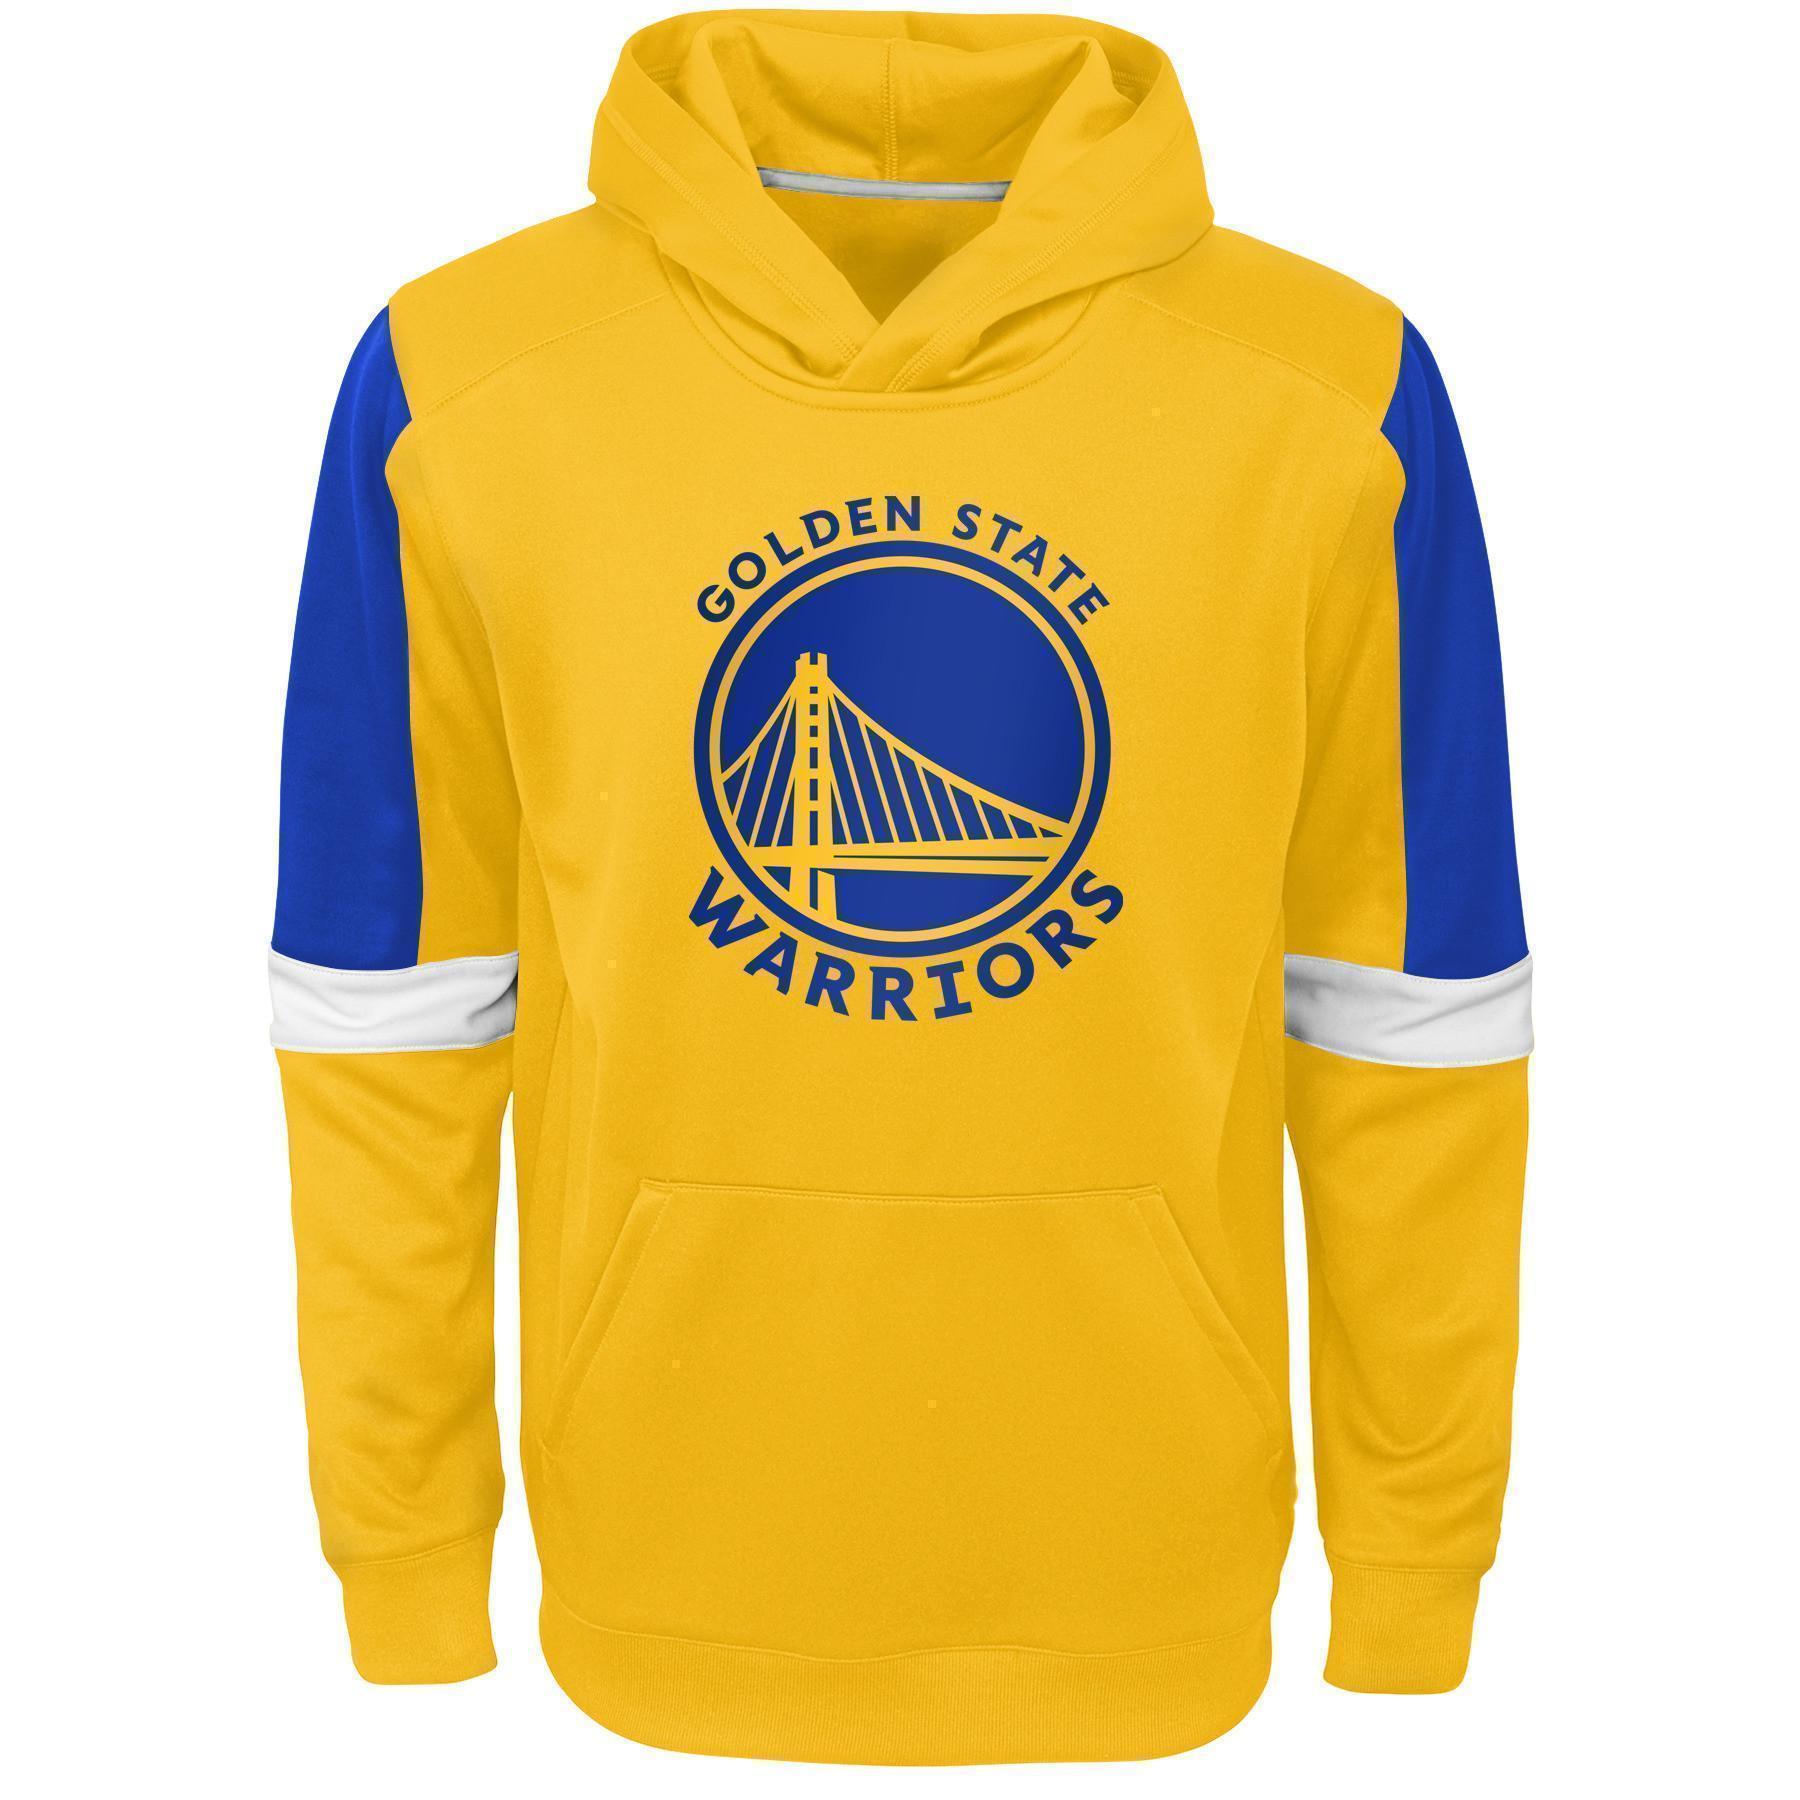 Kids Hoodie Outerstuff NBA Golden State Warriors